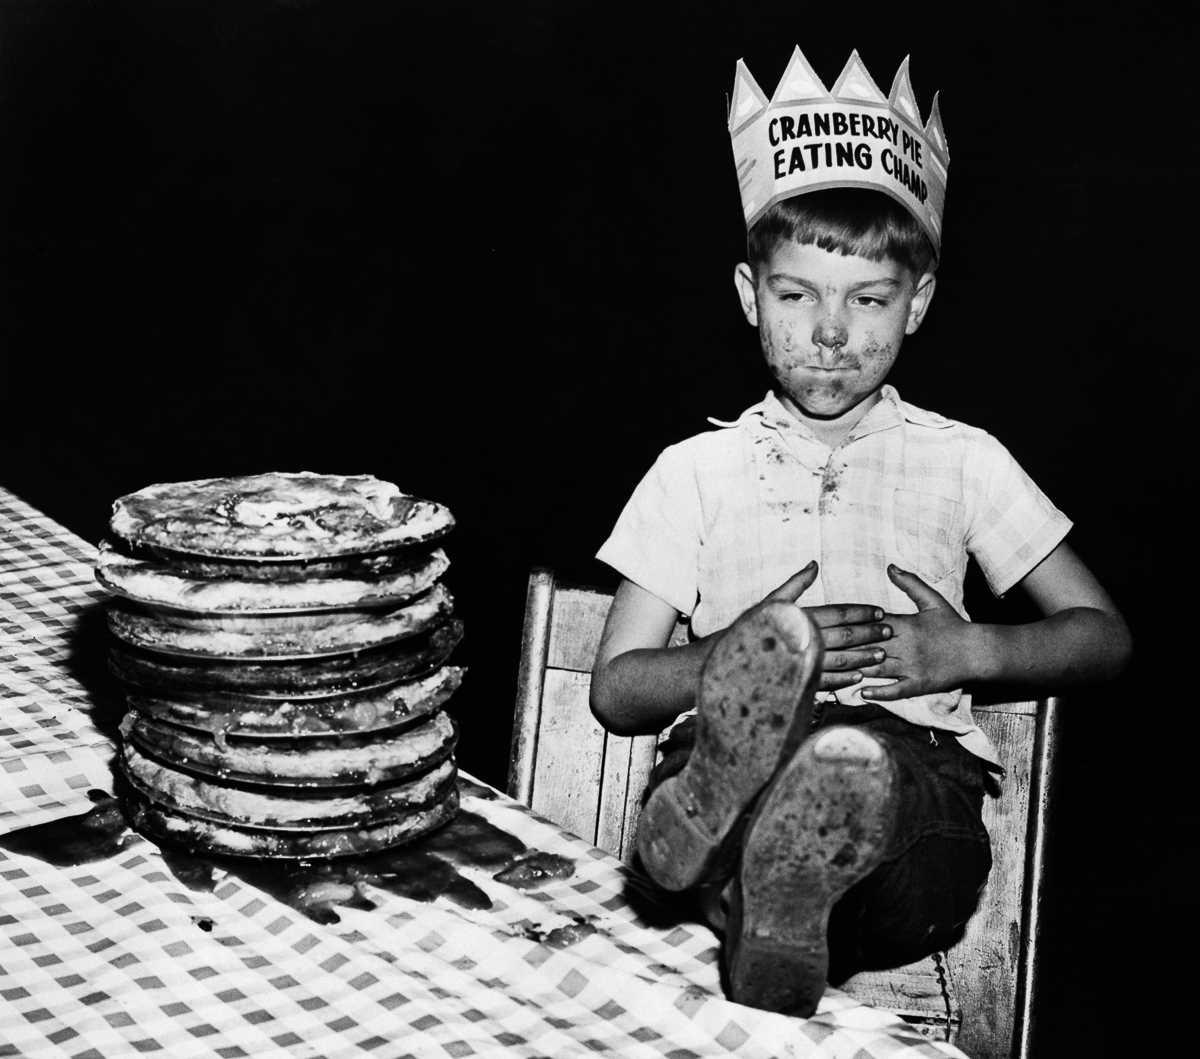 8. 1948 год. 6-летний Ричард Барански наслаждается своей победой после того, как съел 10-дюймовый кл